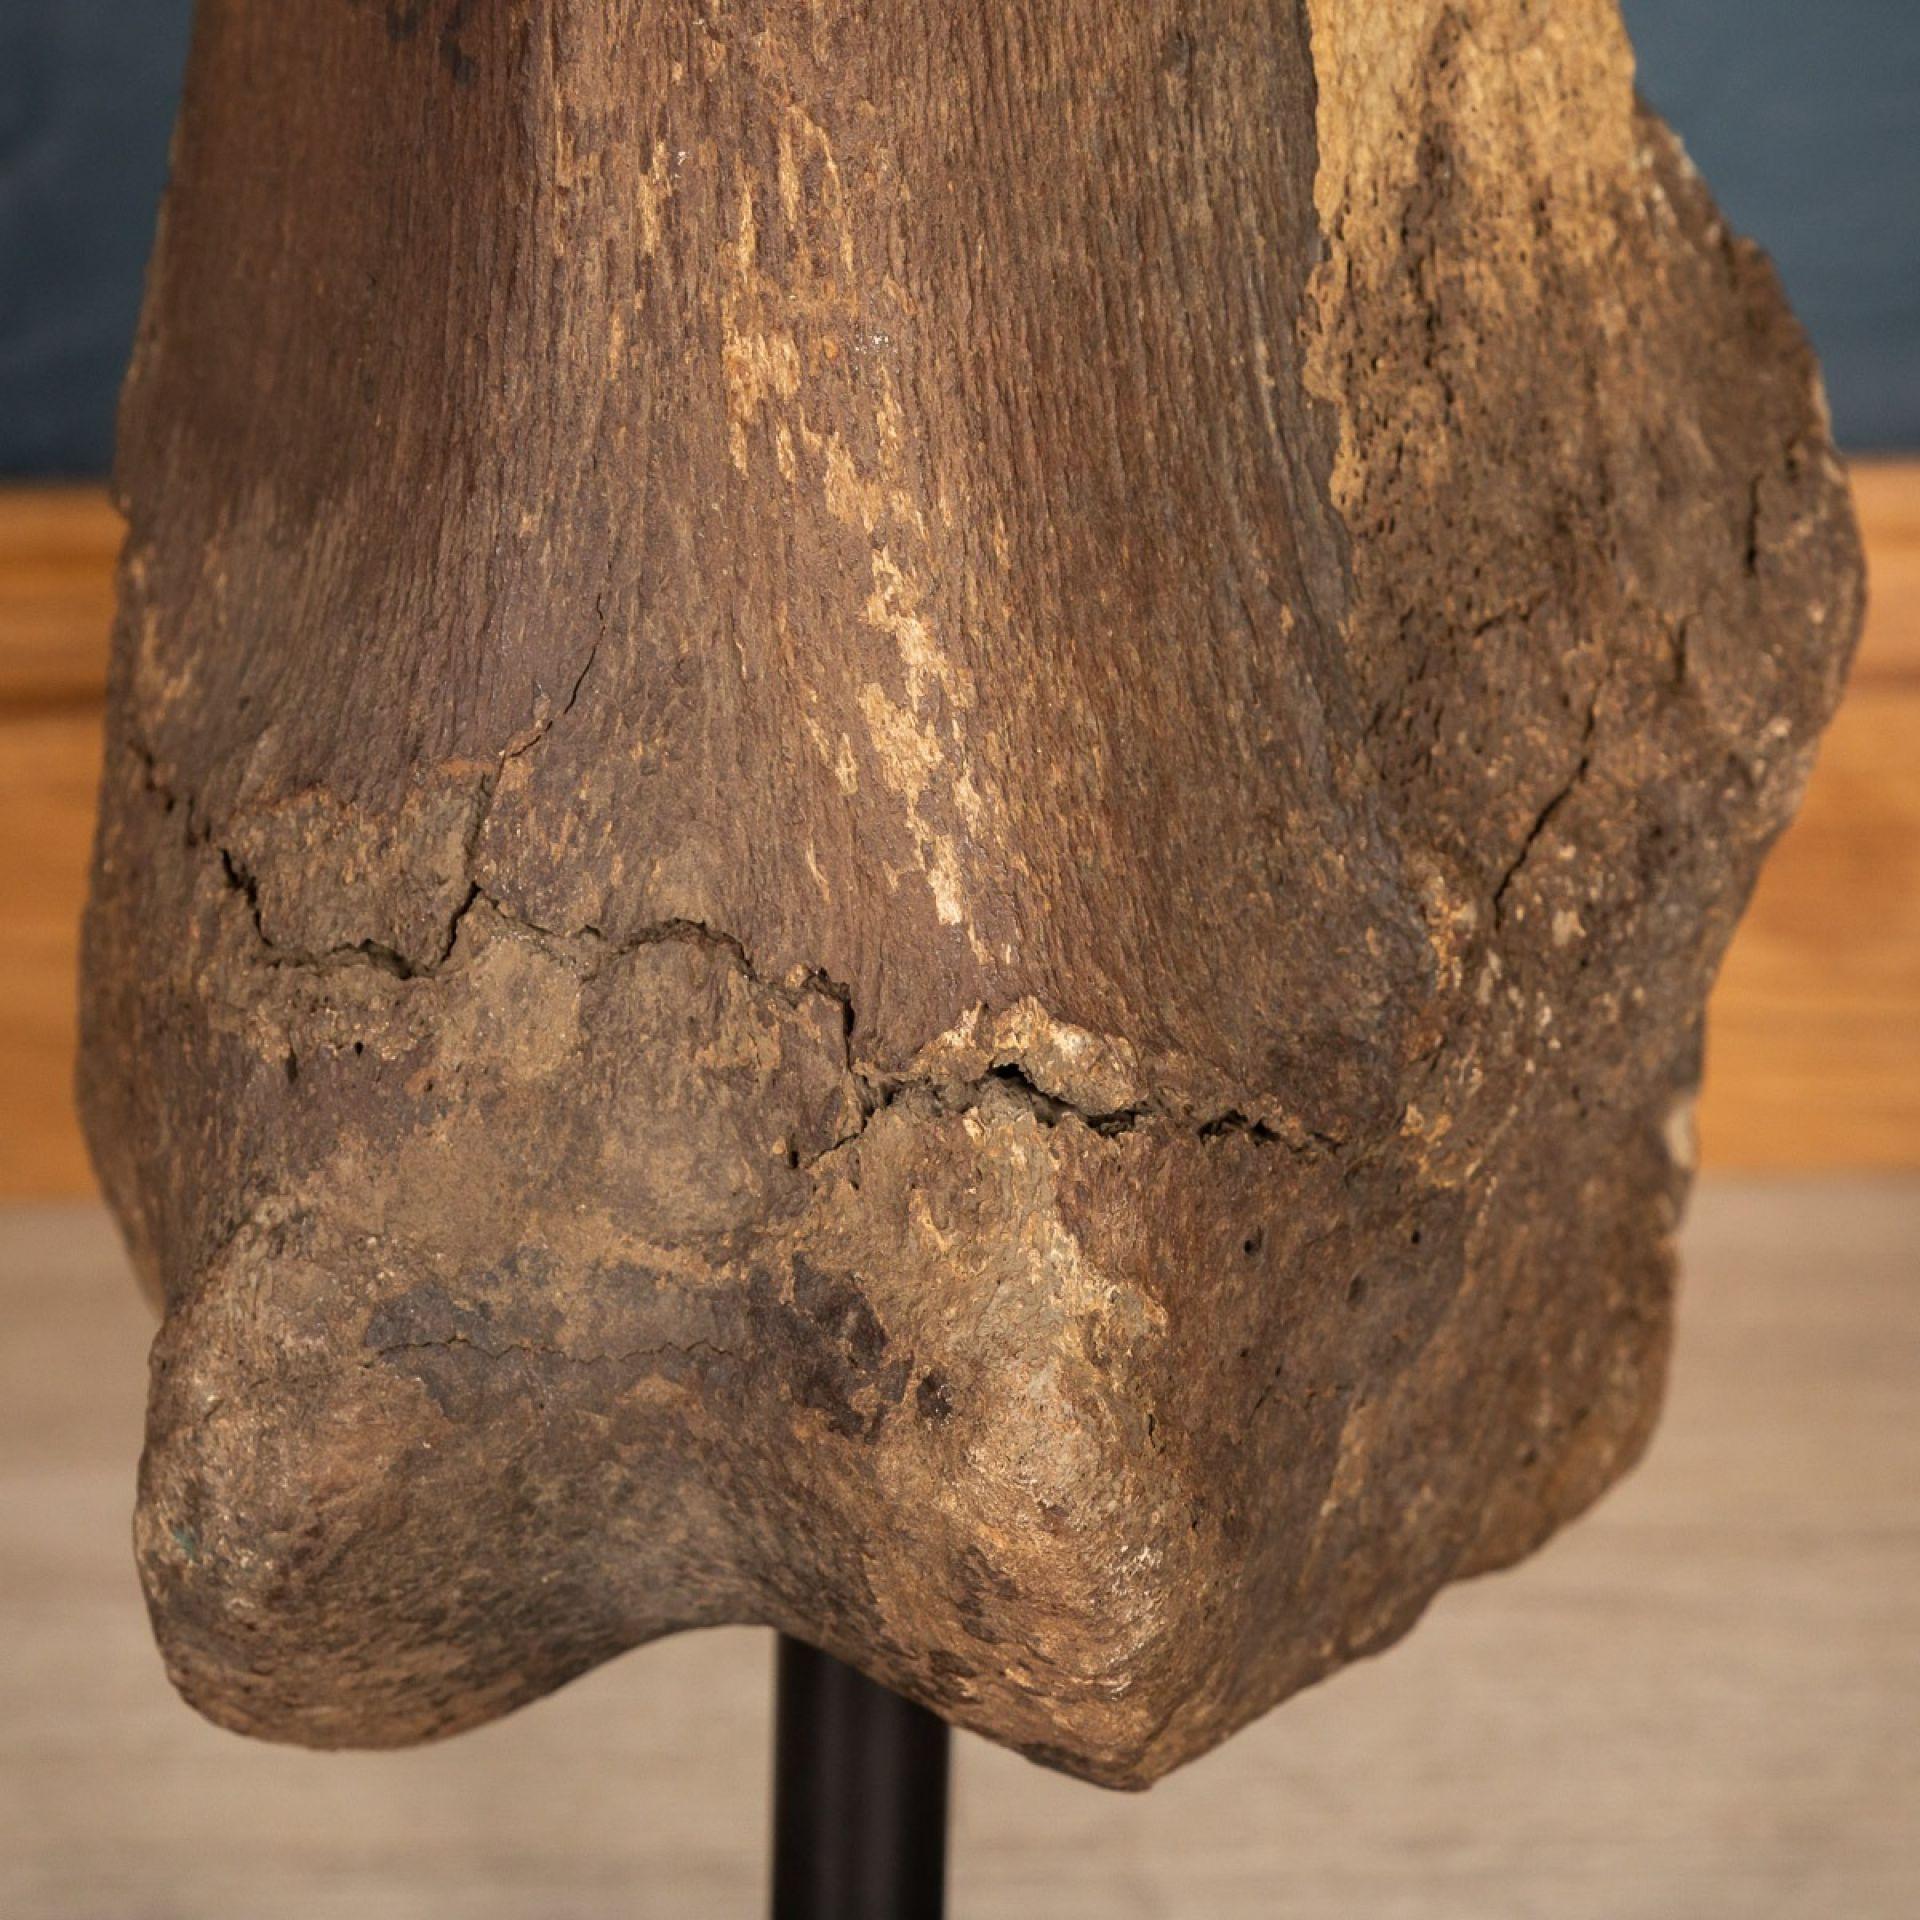 STUNNING PLEISTOCENE ERA NATURAL MAMMOTH FEMUR & TIBIA, YAKUTIA (SIBERIA)